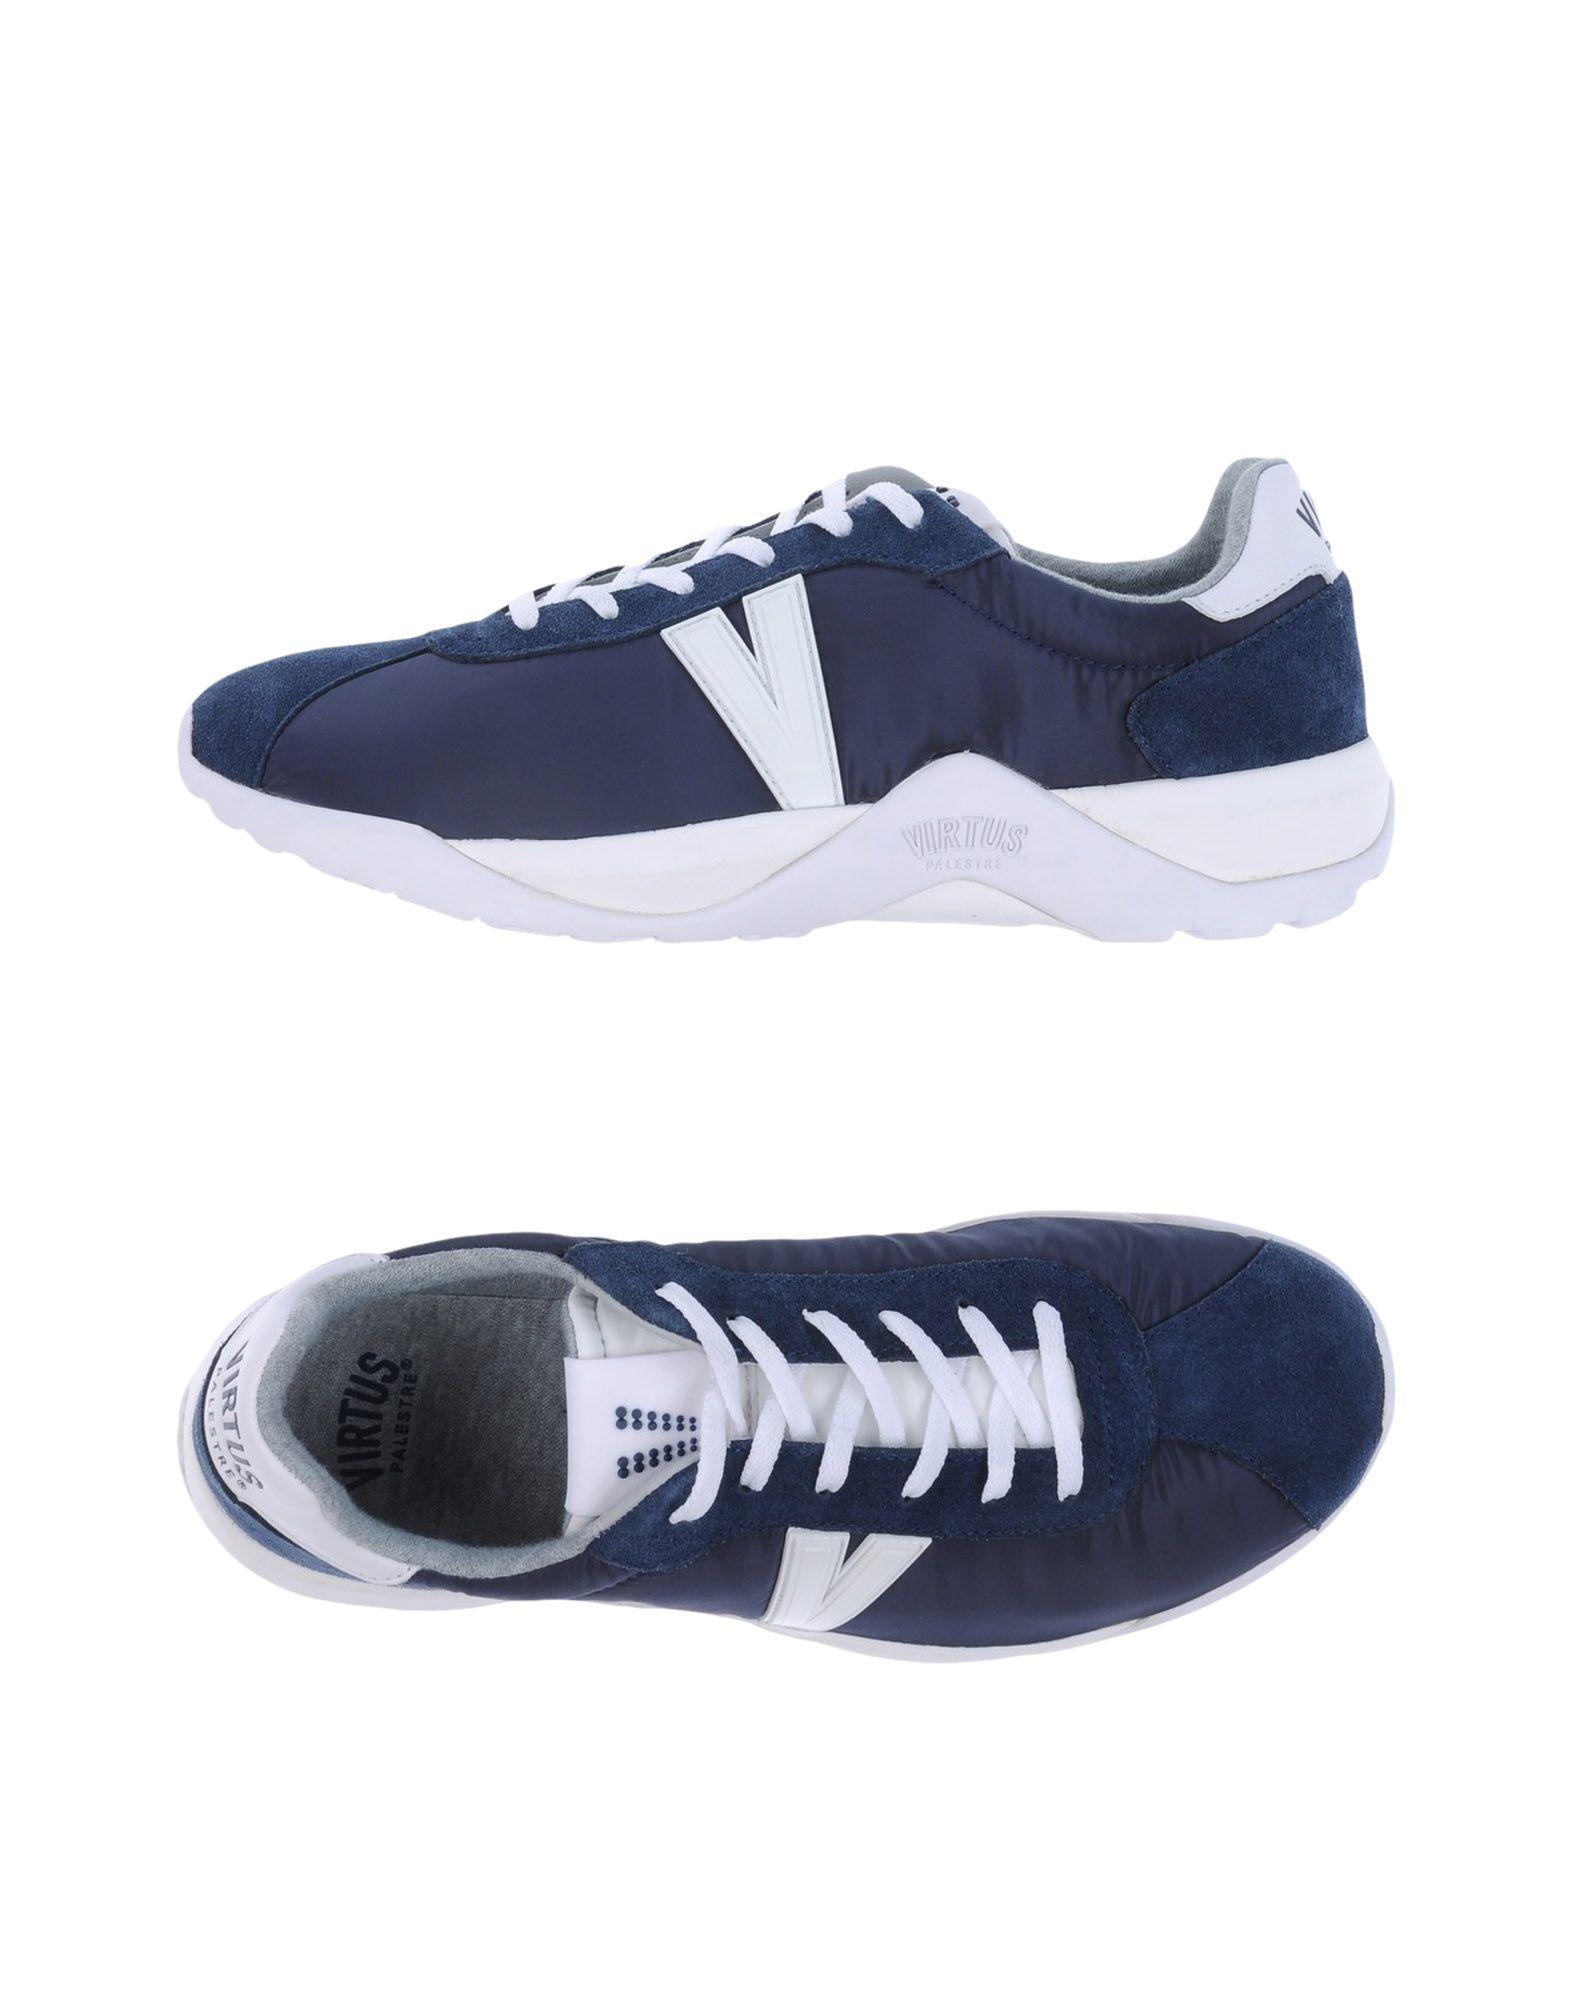 VIRTUS PALESTRE Sneakers in Dark Blue